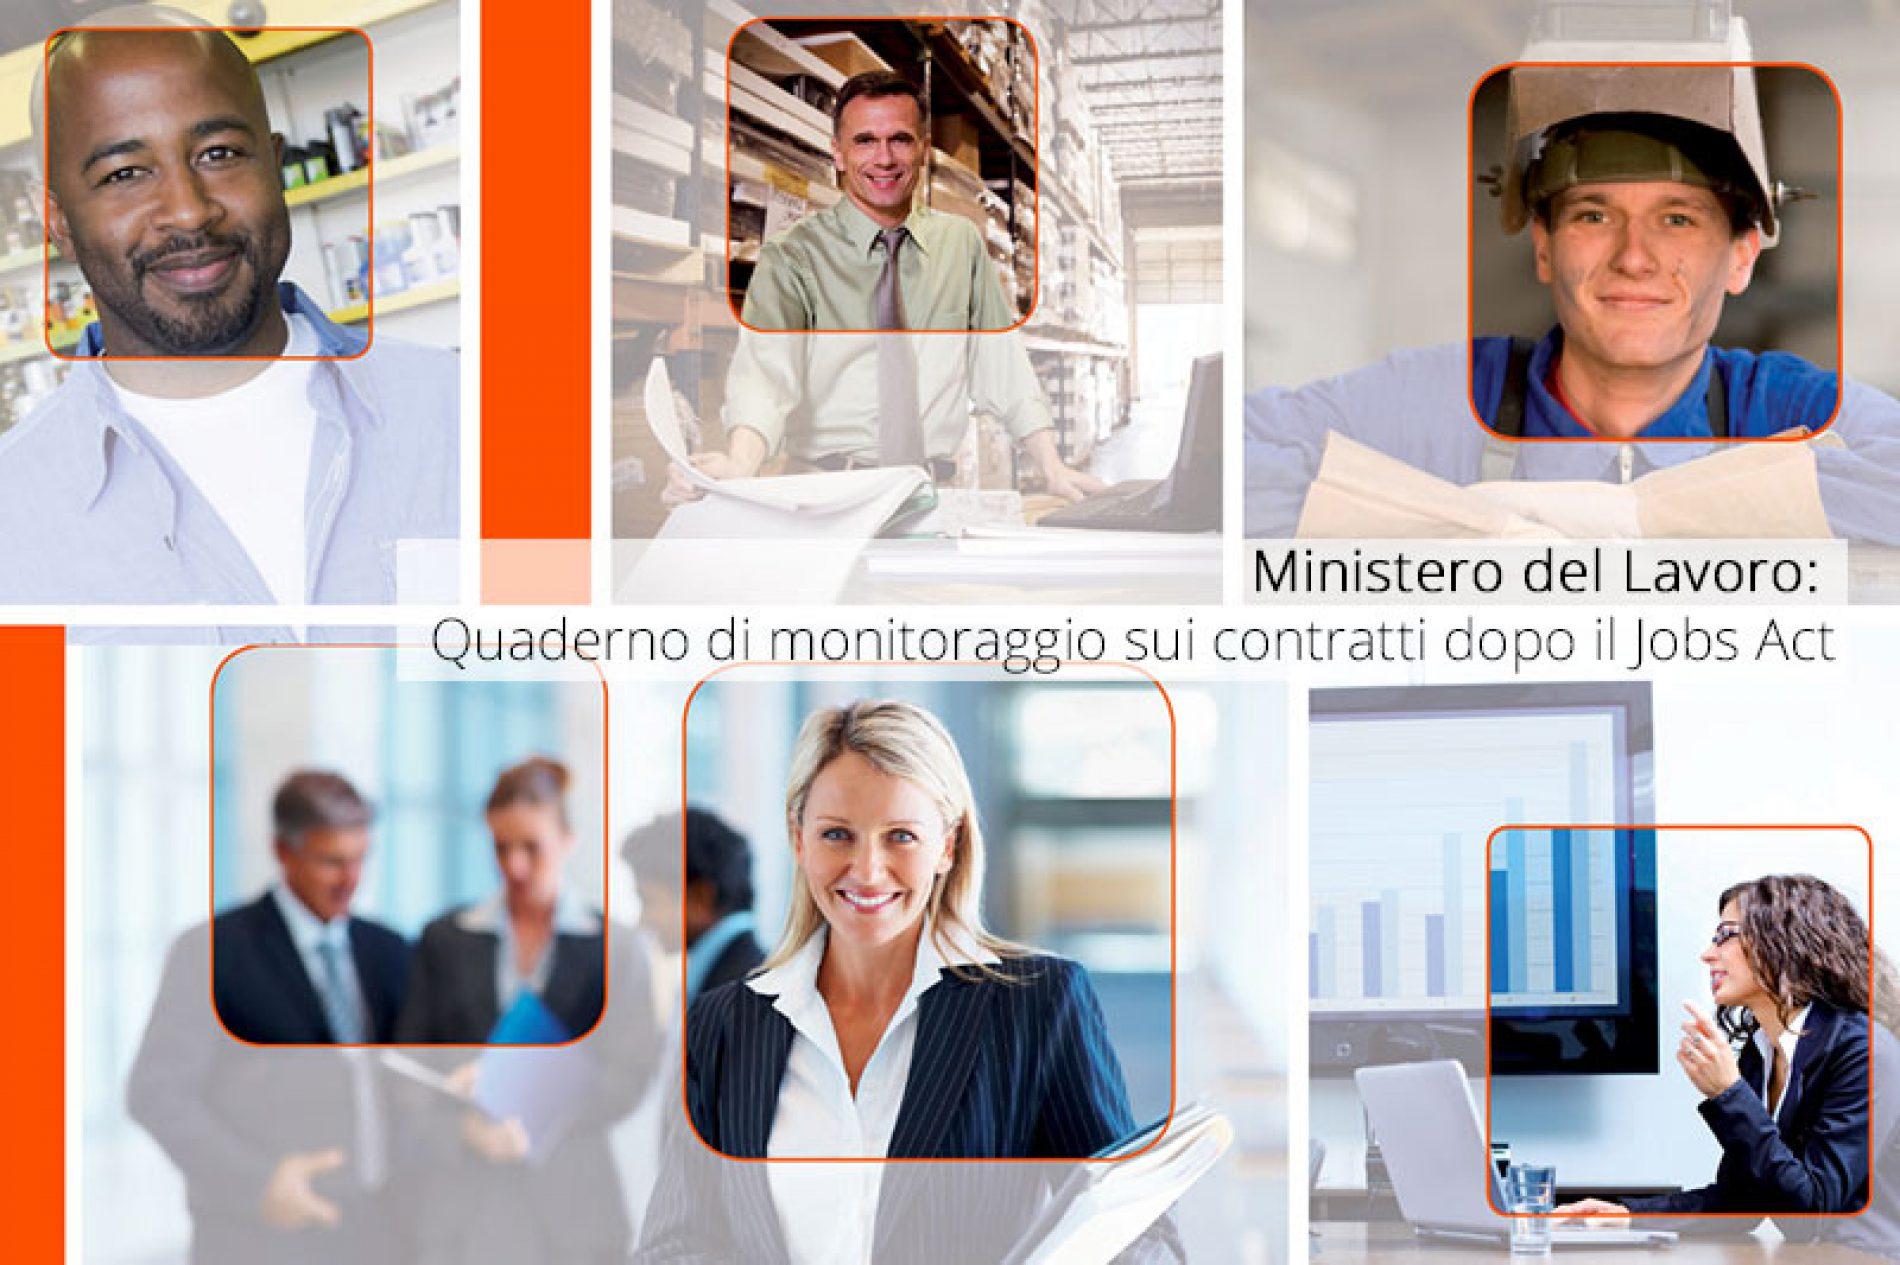 Quaderno di monitoraggio: i contratti di lavoro dopo il Jobs Act